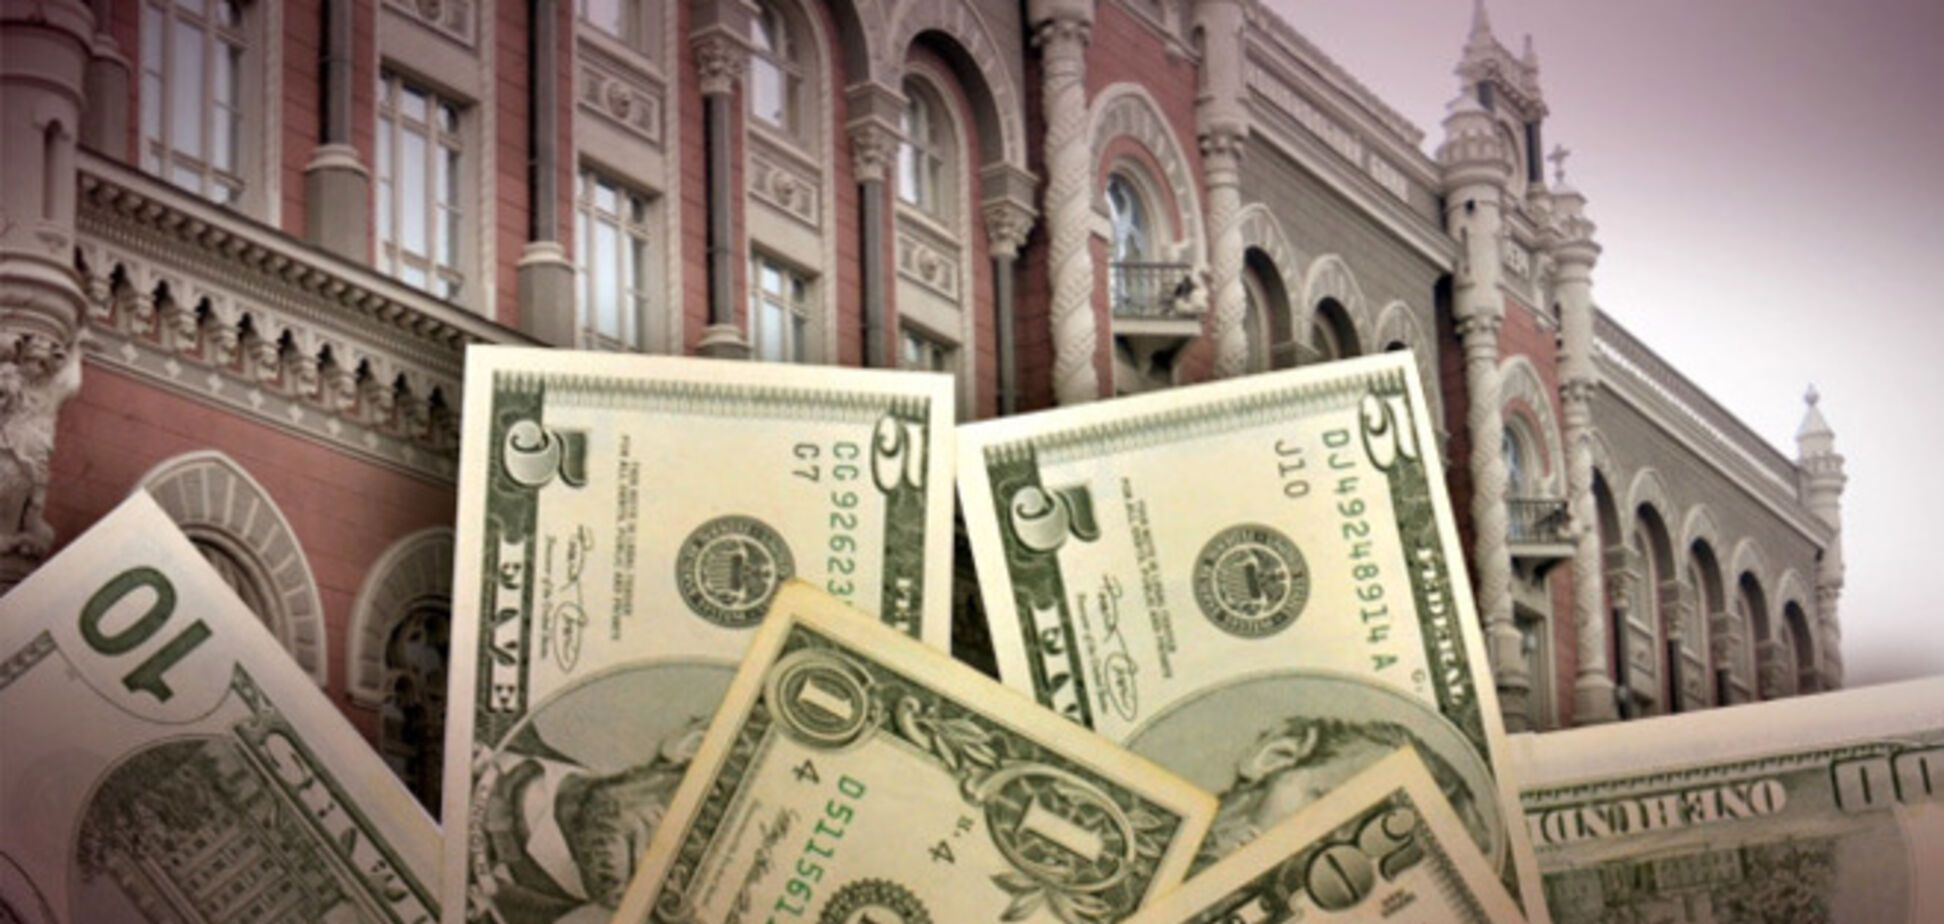 Возврат админмер: НБУ ужесточил контроль над импортными операциями свыше $50 тысяч